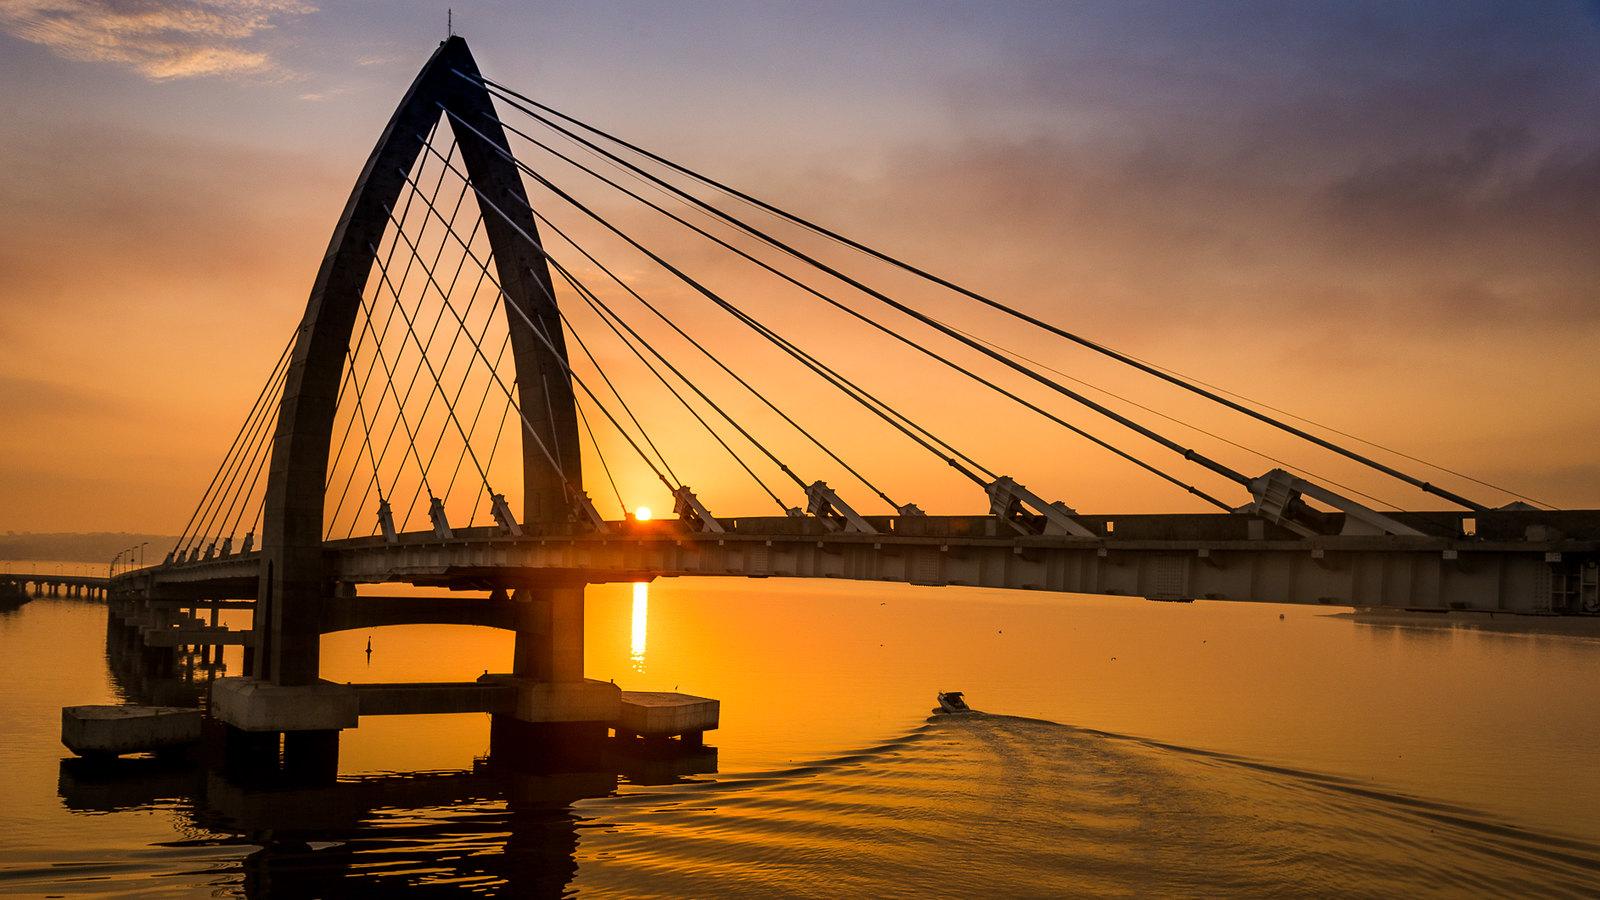 Sunrise - Rio de Janeiro - Brazil